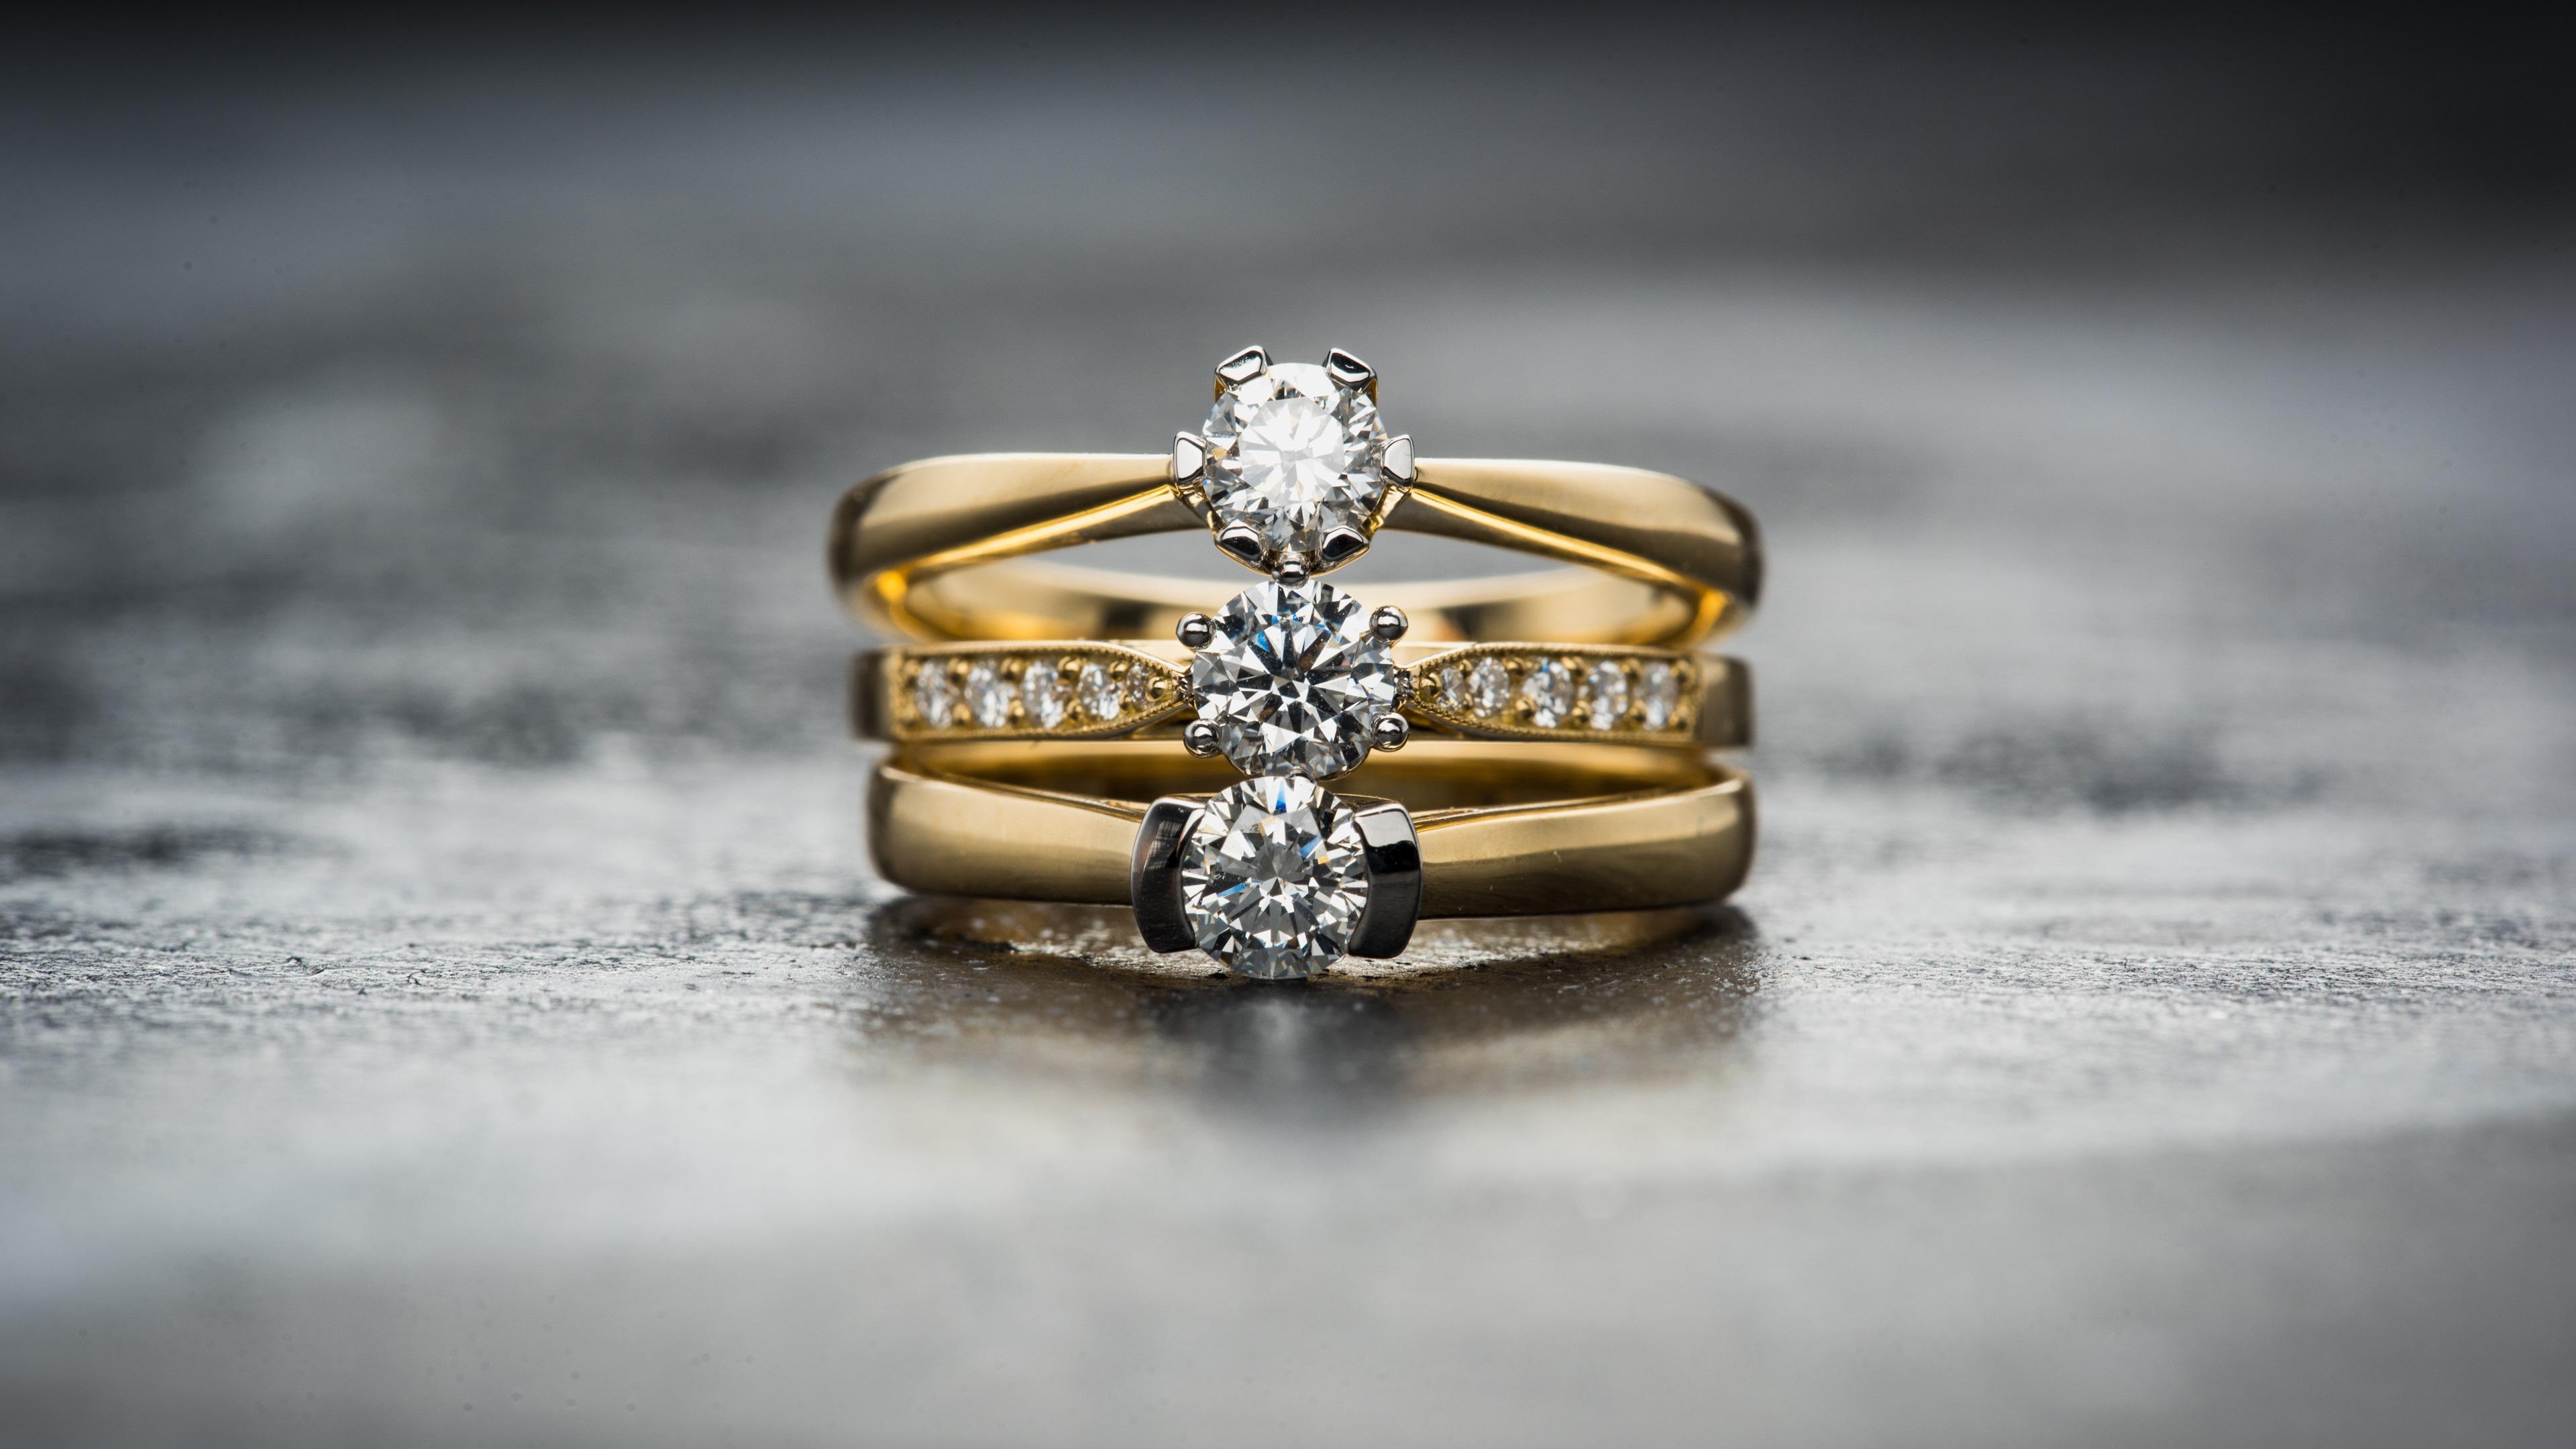 Fondos De Pantalla Anillos De Diamantes, Oro 3840x2160 UHD